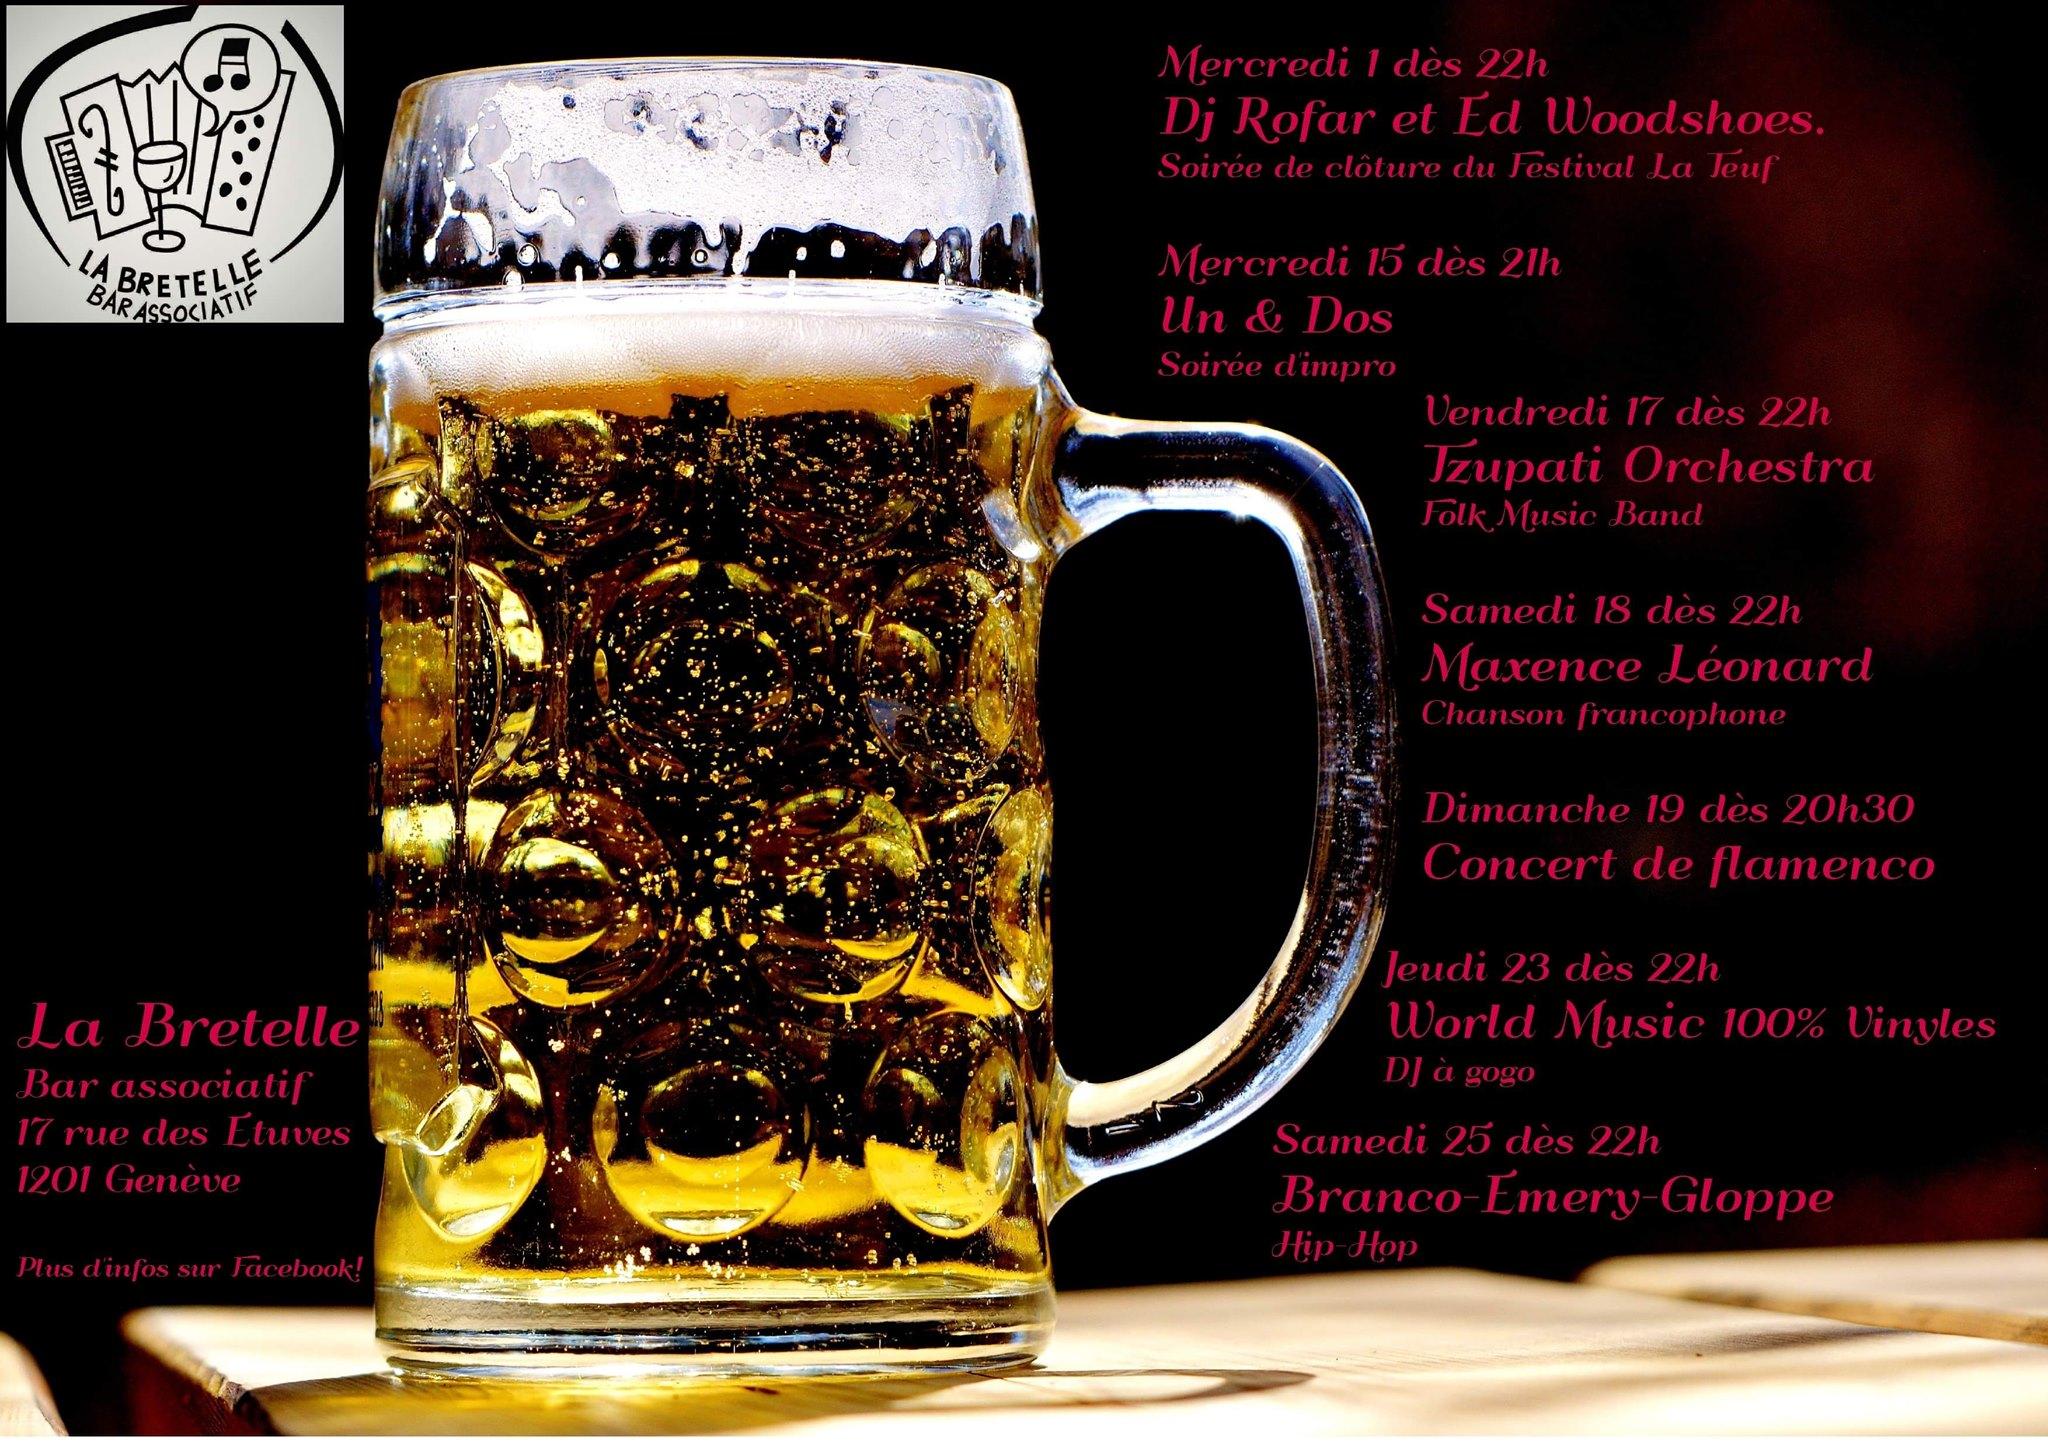 janvier 2020 à la Bretelle, bar associatif, Genève